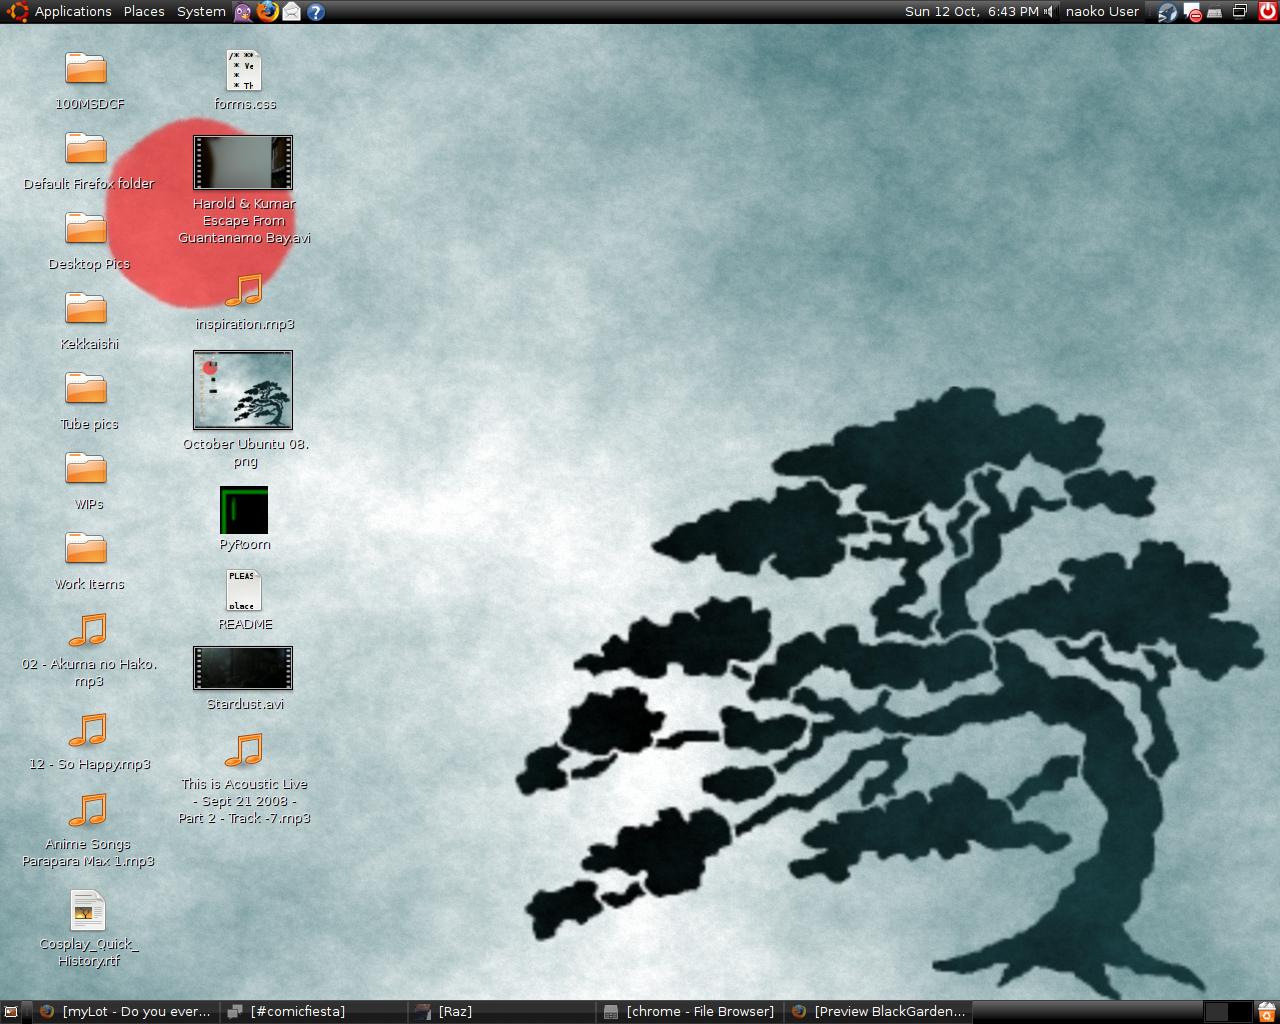 081012 October Ubuntu Screenie